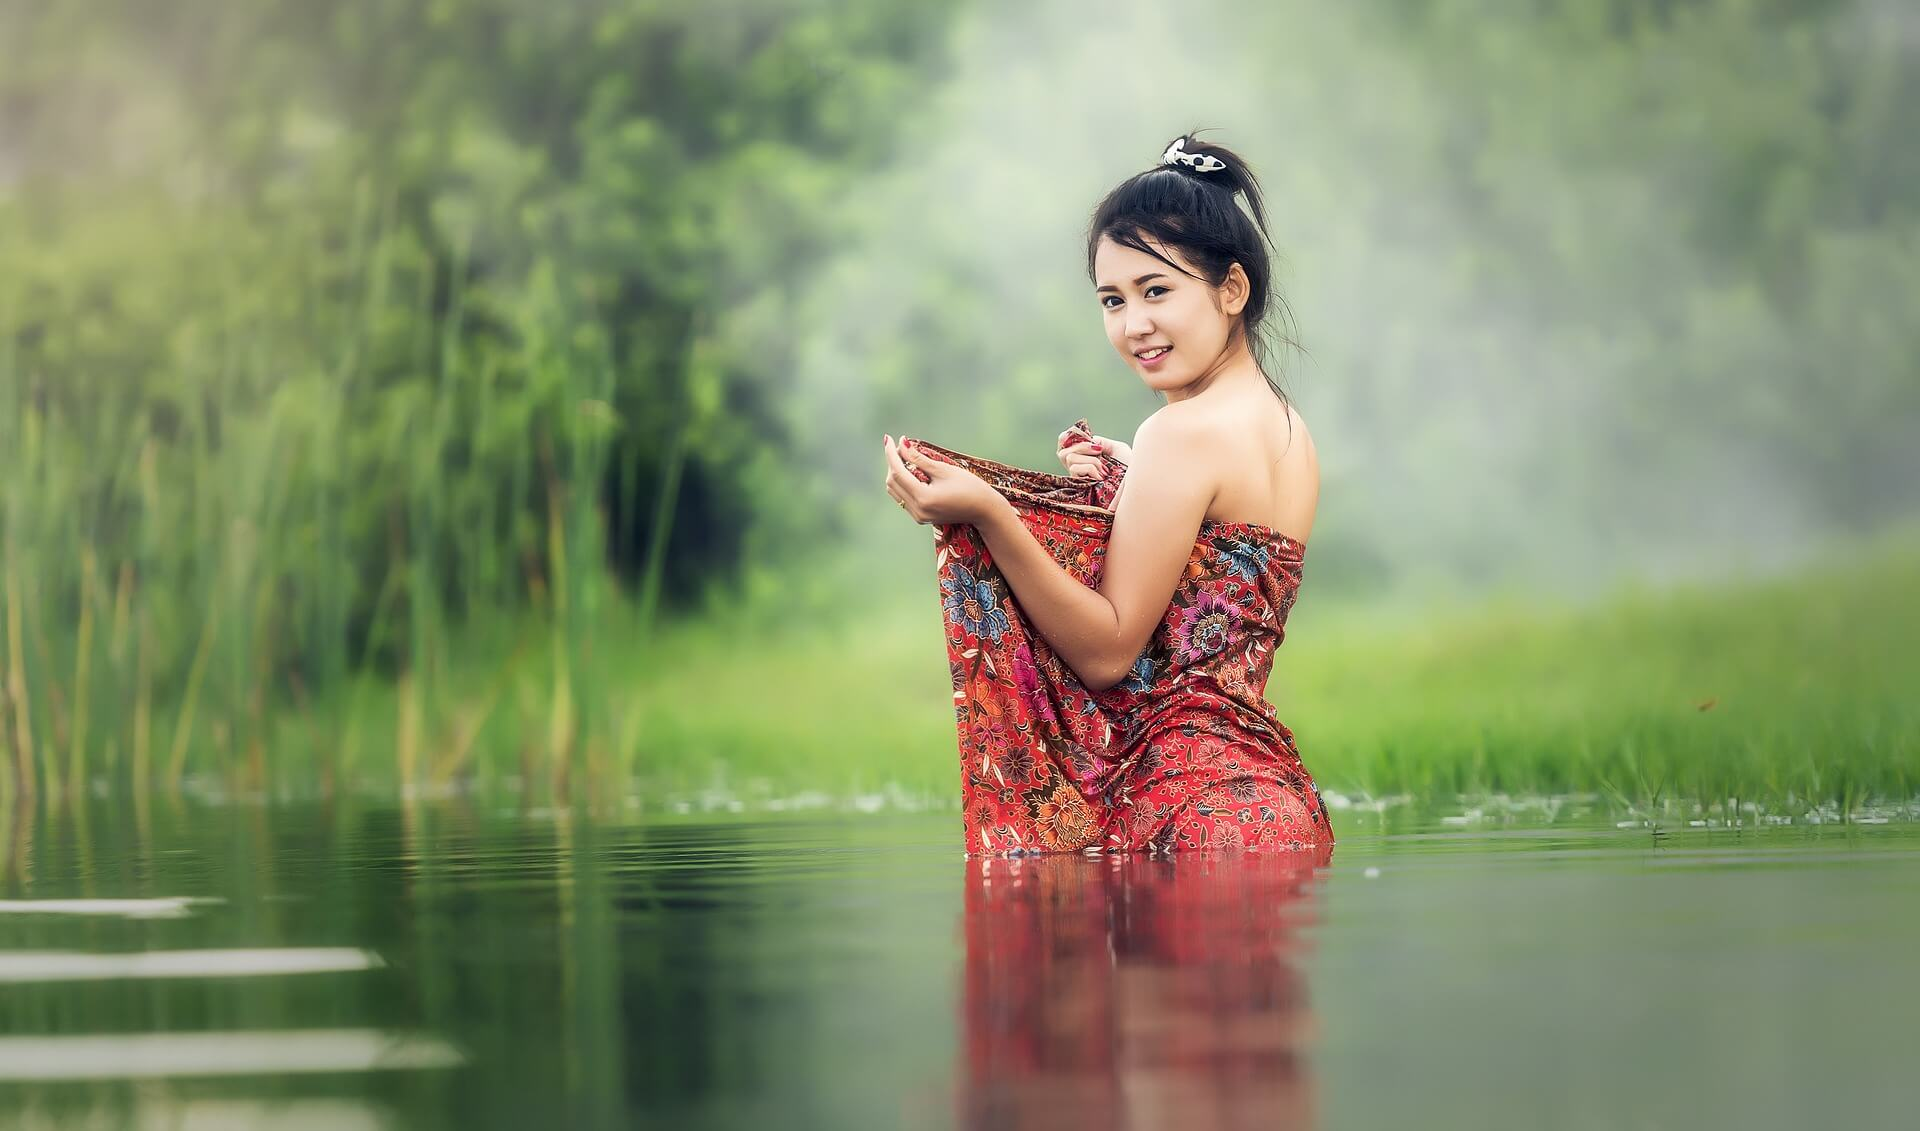 Thai Frauen die nach Deutschland wollen - Asiatische Frauen aus dem Katalog